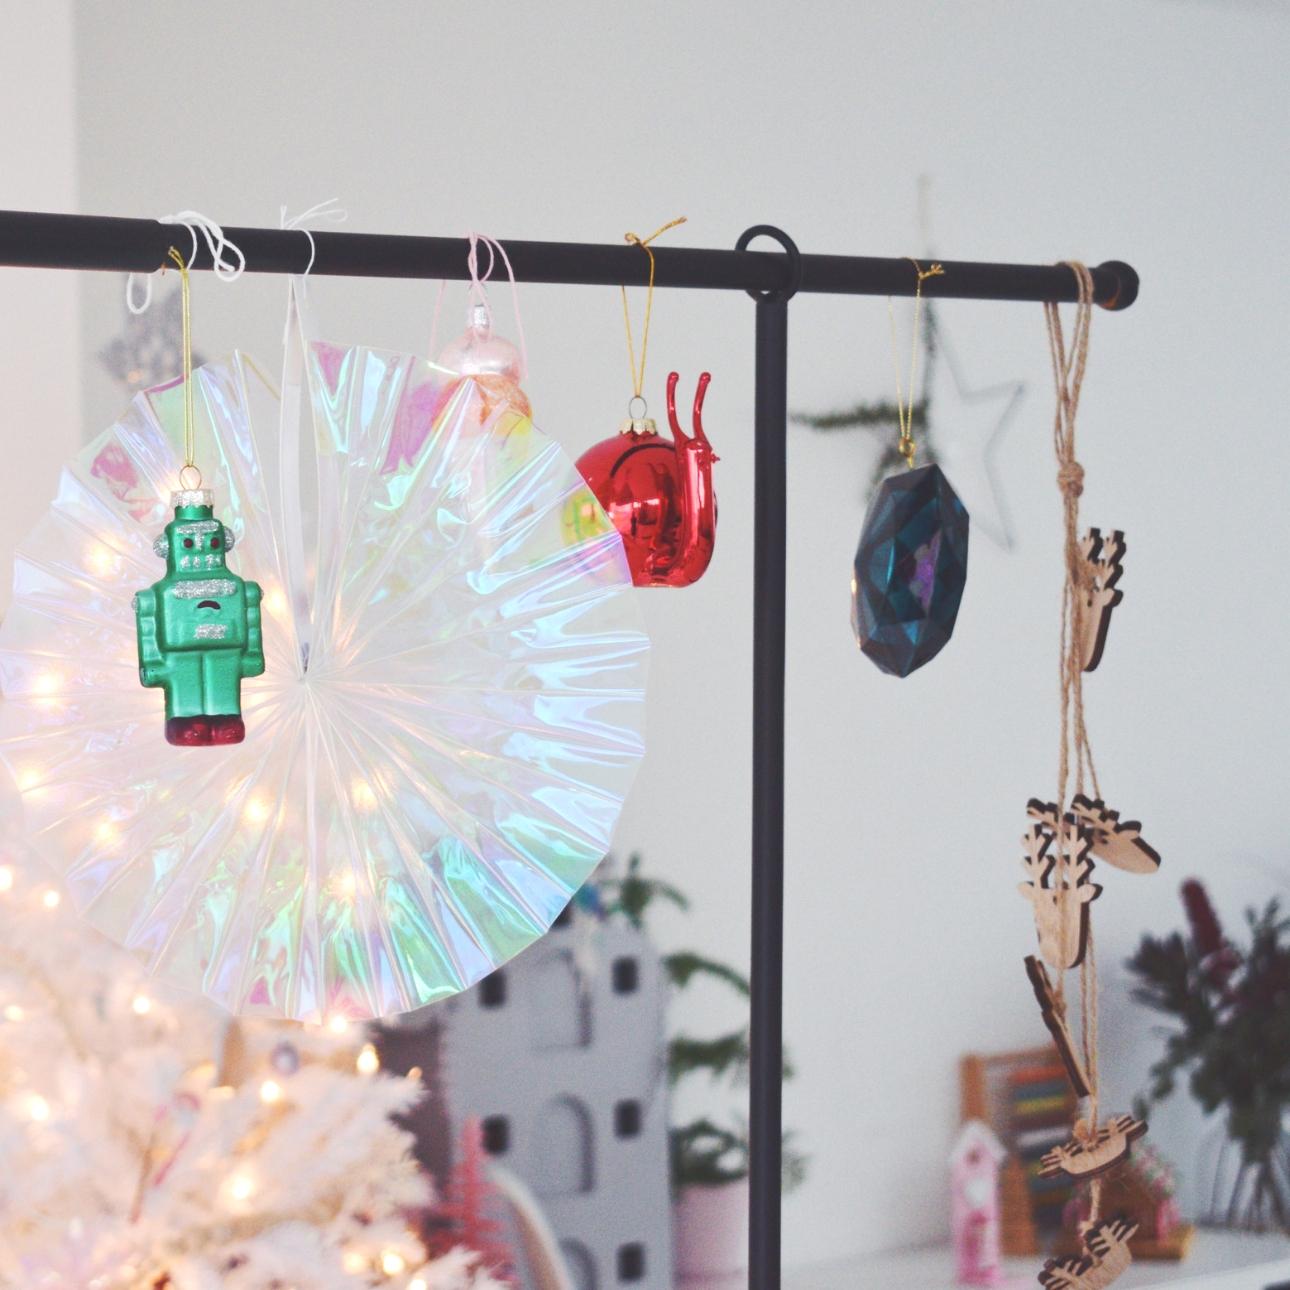 kersthuis 2018 tafelklem bijzondere kerstballen